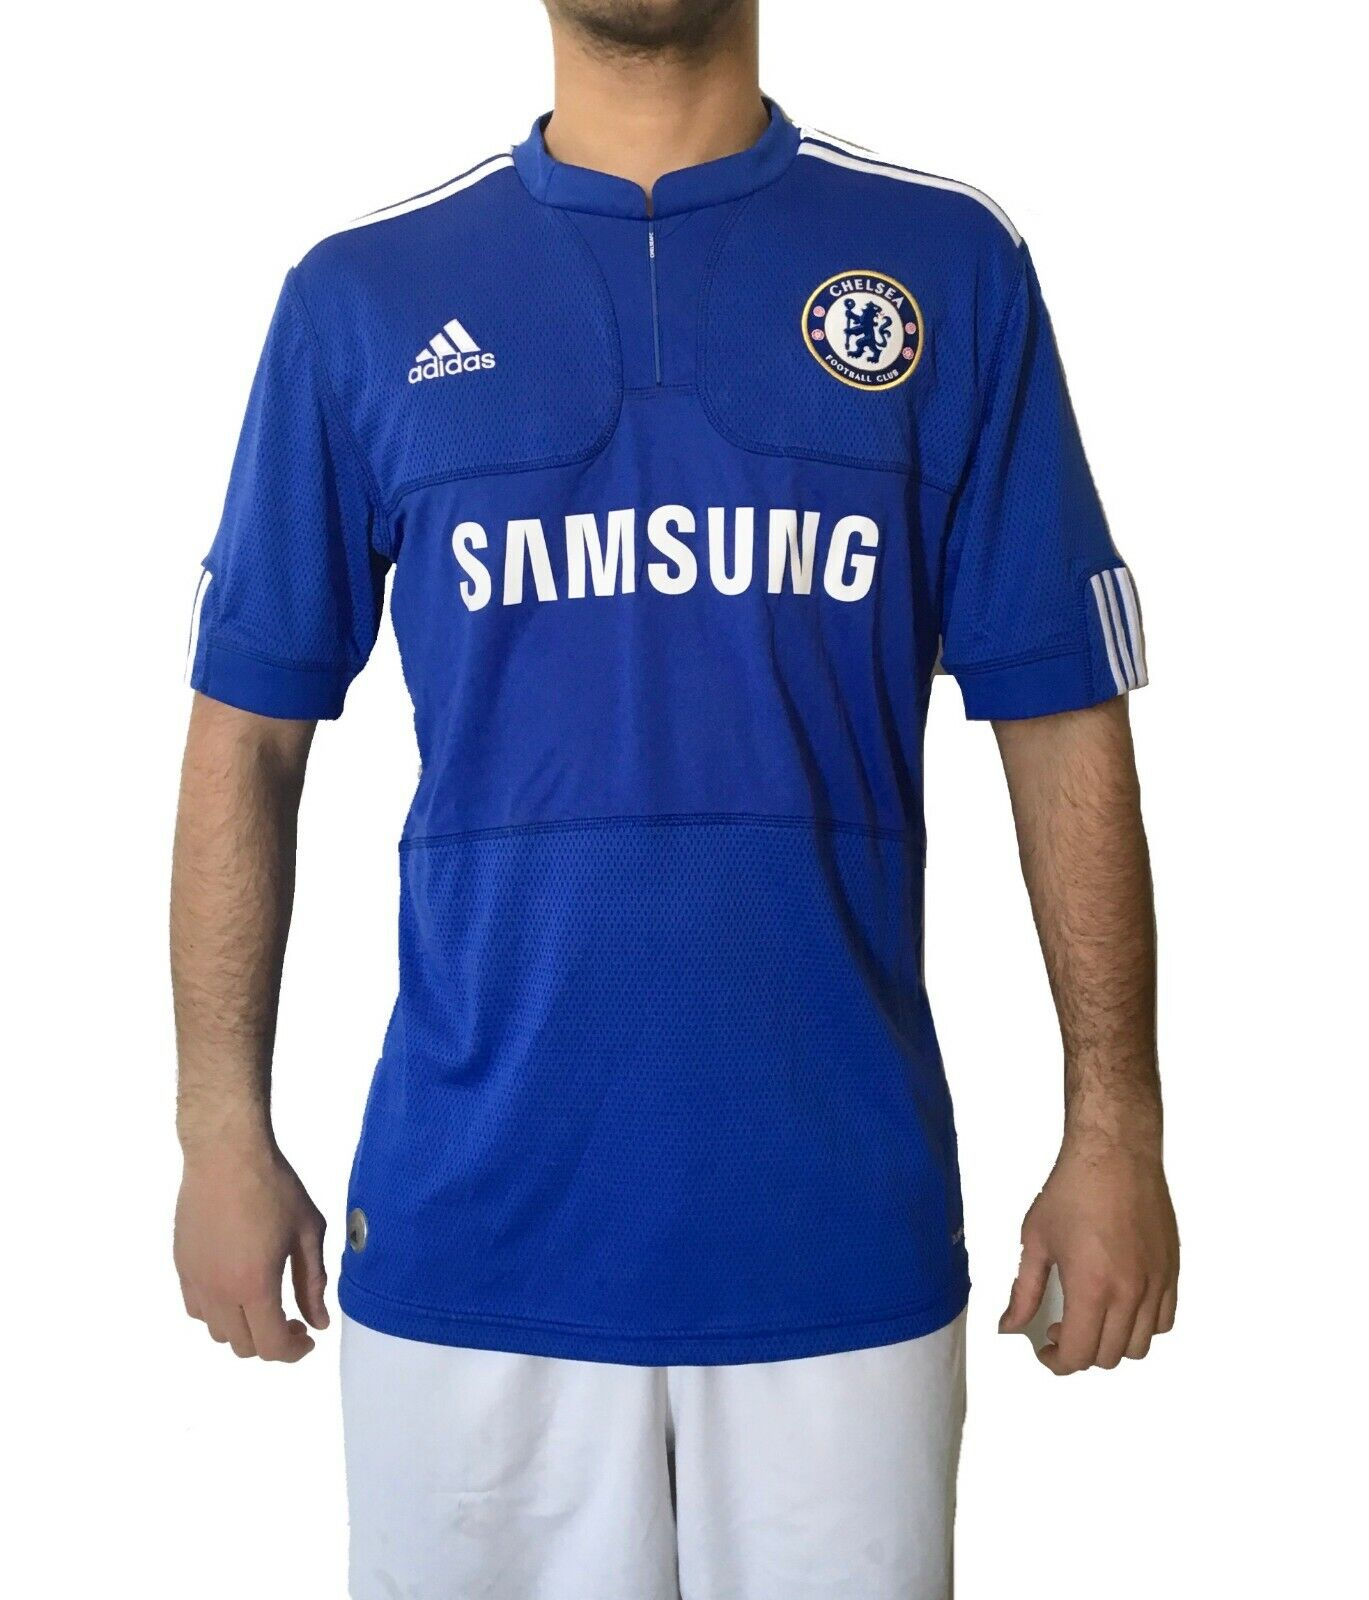 Maglia Calcio Nuovo da Collezione Adidas Anno 0910 Chelsea Home